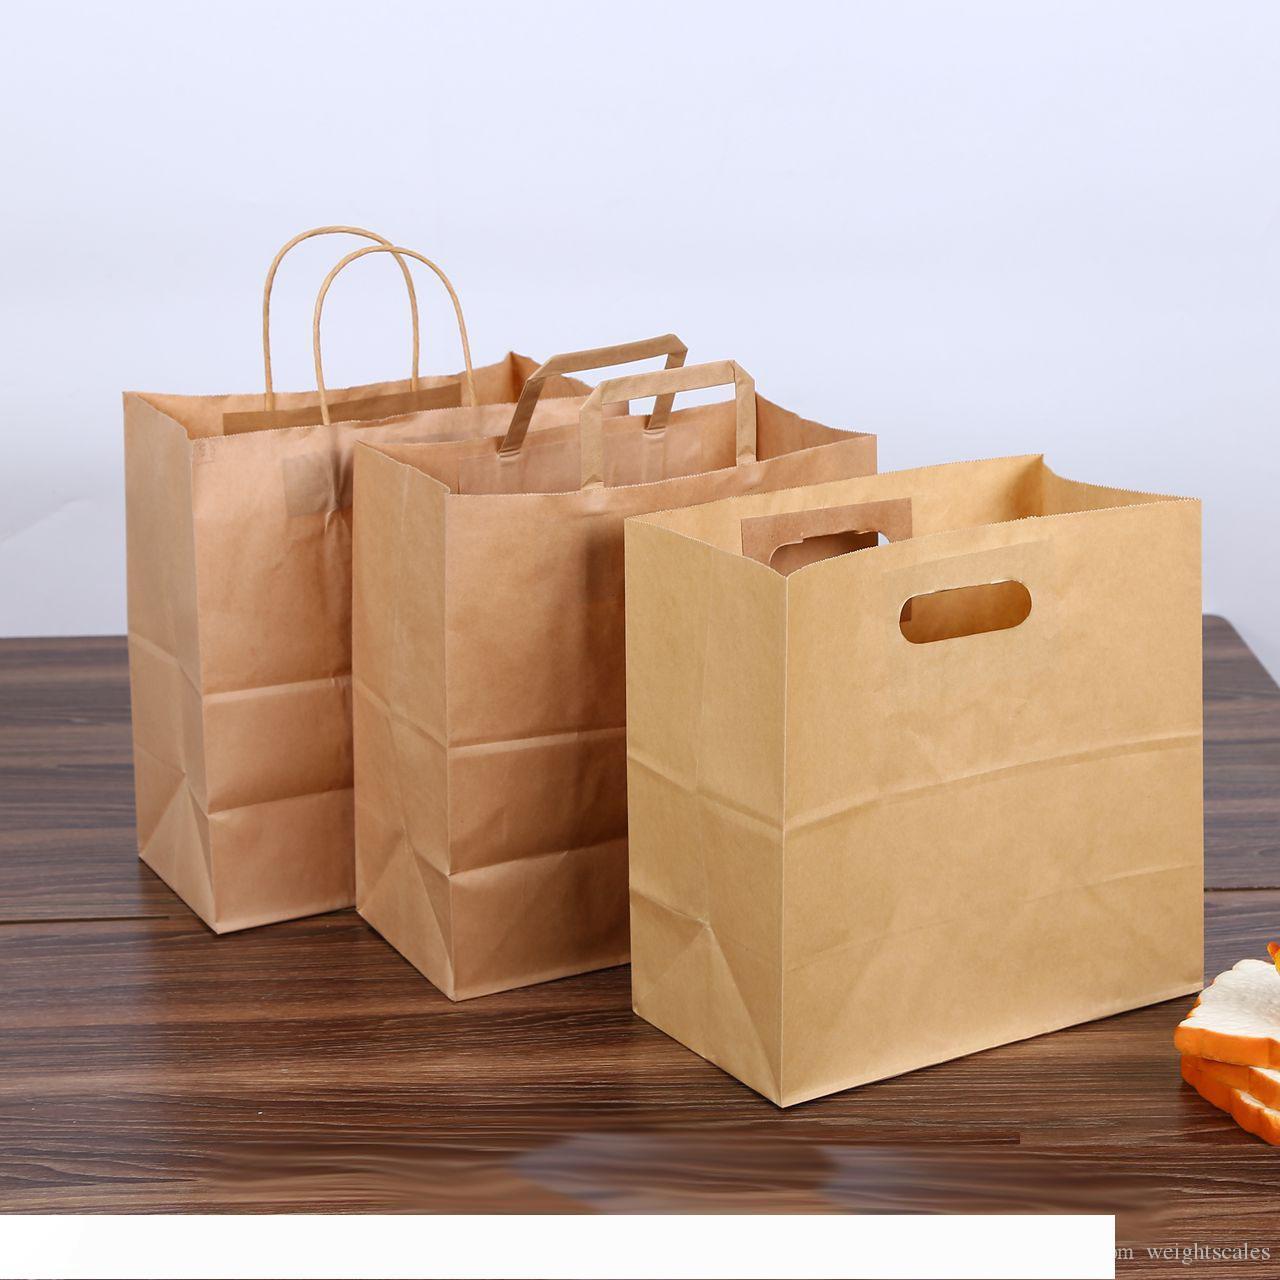 28x28+15 cm kraft paper bread bag packaging tote handle brown die cut baguette punching baking portable paper bag custom LOGO